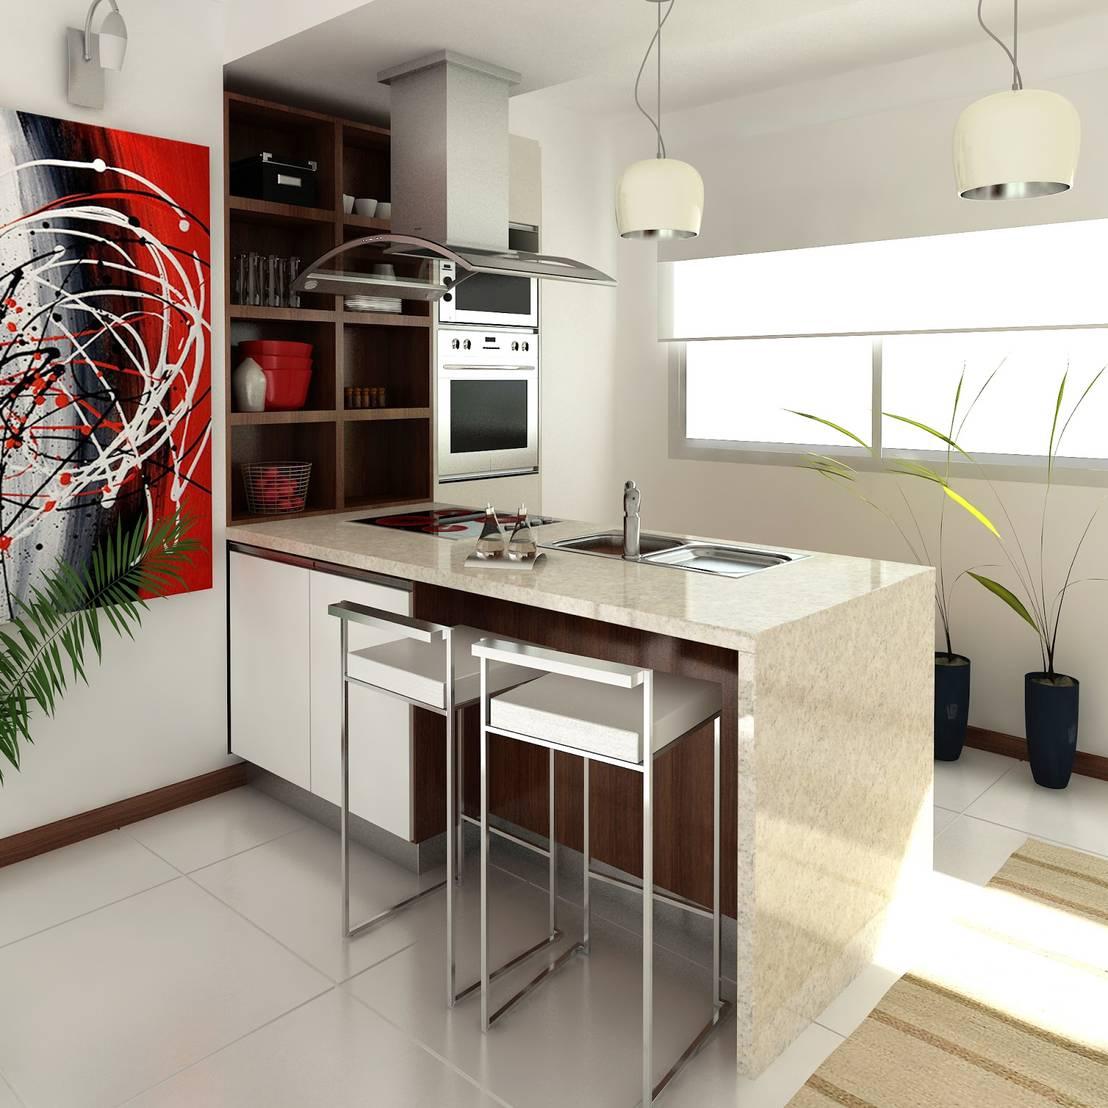 22 idee semplici per una cucina moderna e spettacolare for Idee cucina moderna